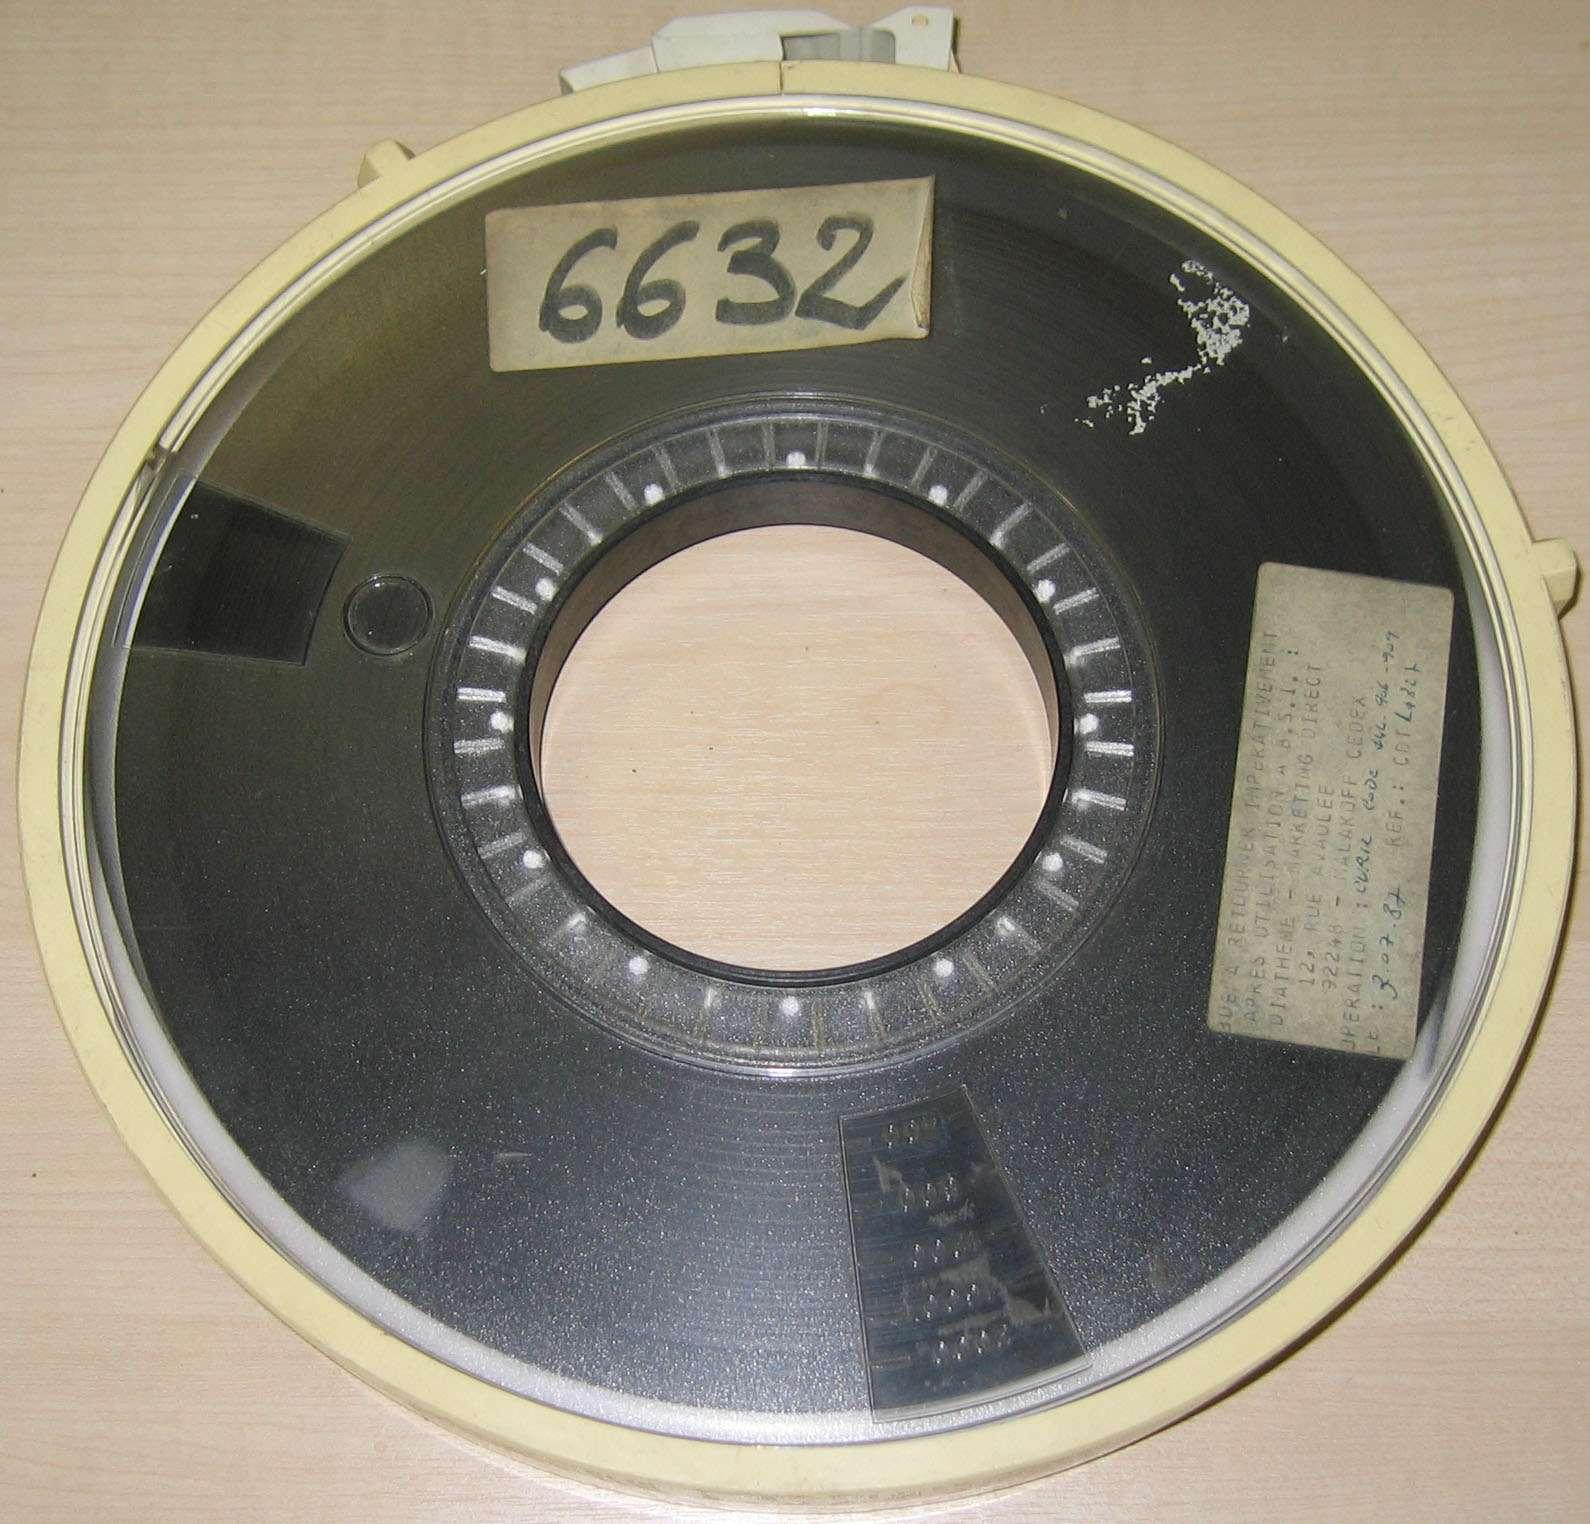 Fritz Pfleumer découvre la bande magnétique en 1928. La bande magnétique permet l'enregistrement d'informations numériques ou analogiques. © Poil, CC BY-SA 3.0, Wikimedia Commons